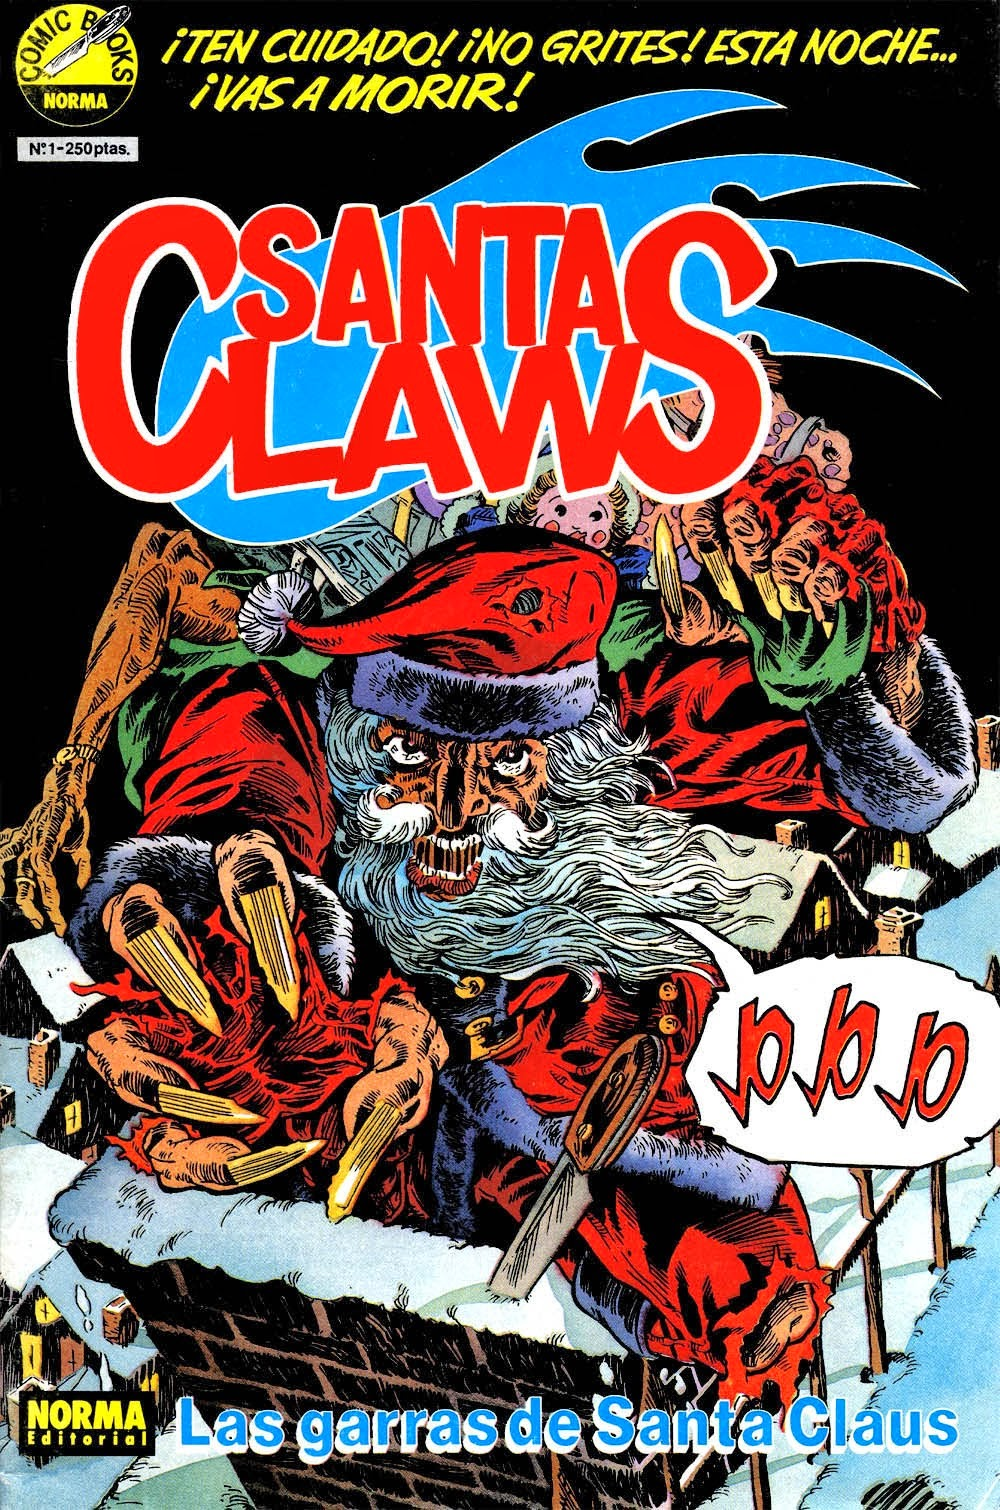 http://superheroesrevelados.blogspot.com.ar/2013/12/santa-claws.html